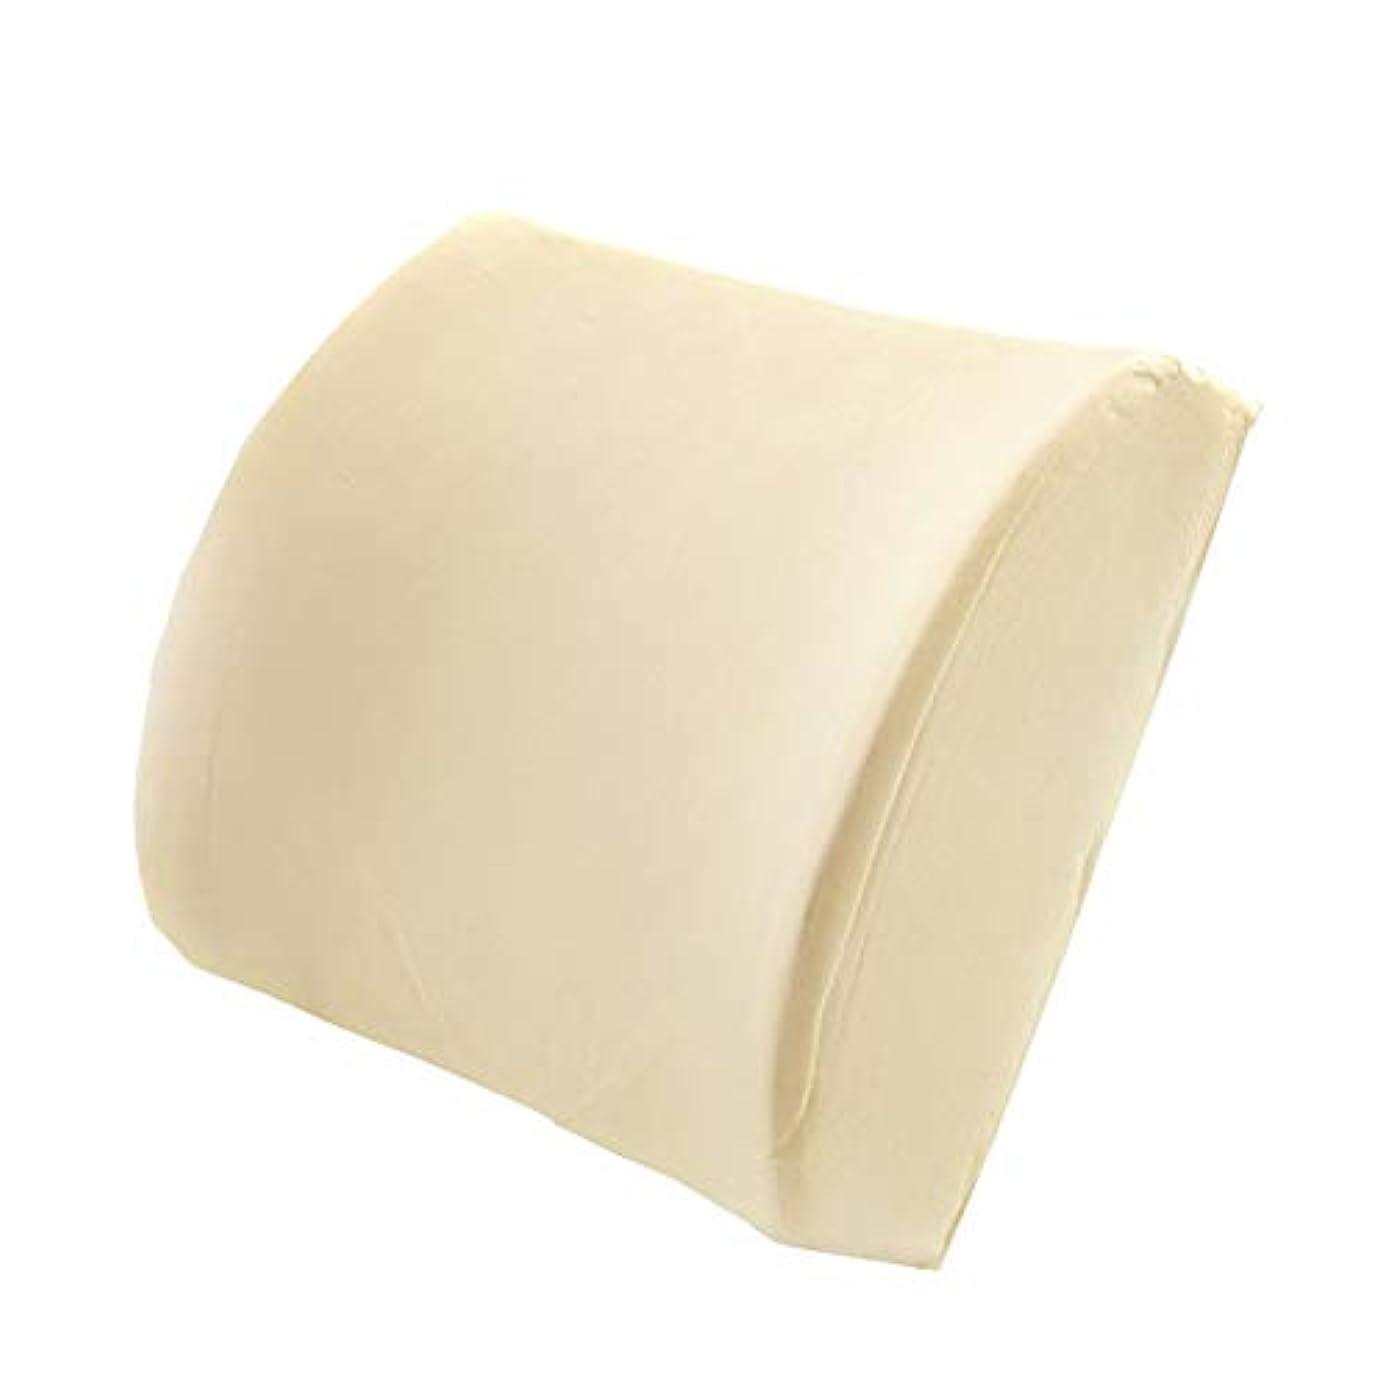 機知に富んだデッドロック荷物サポート腰椎枕スペースメモリ綿腰椎腰肥厚オフィスクッションカーウエスト枕